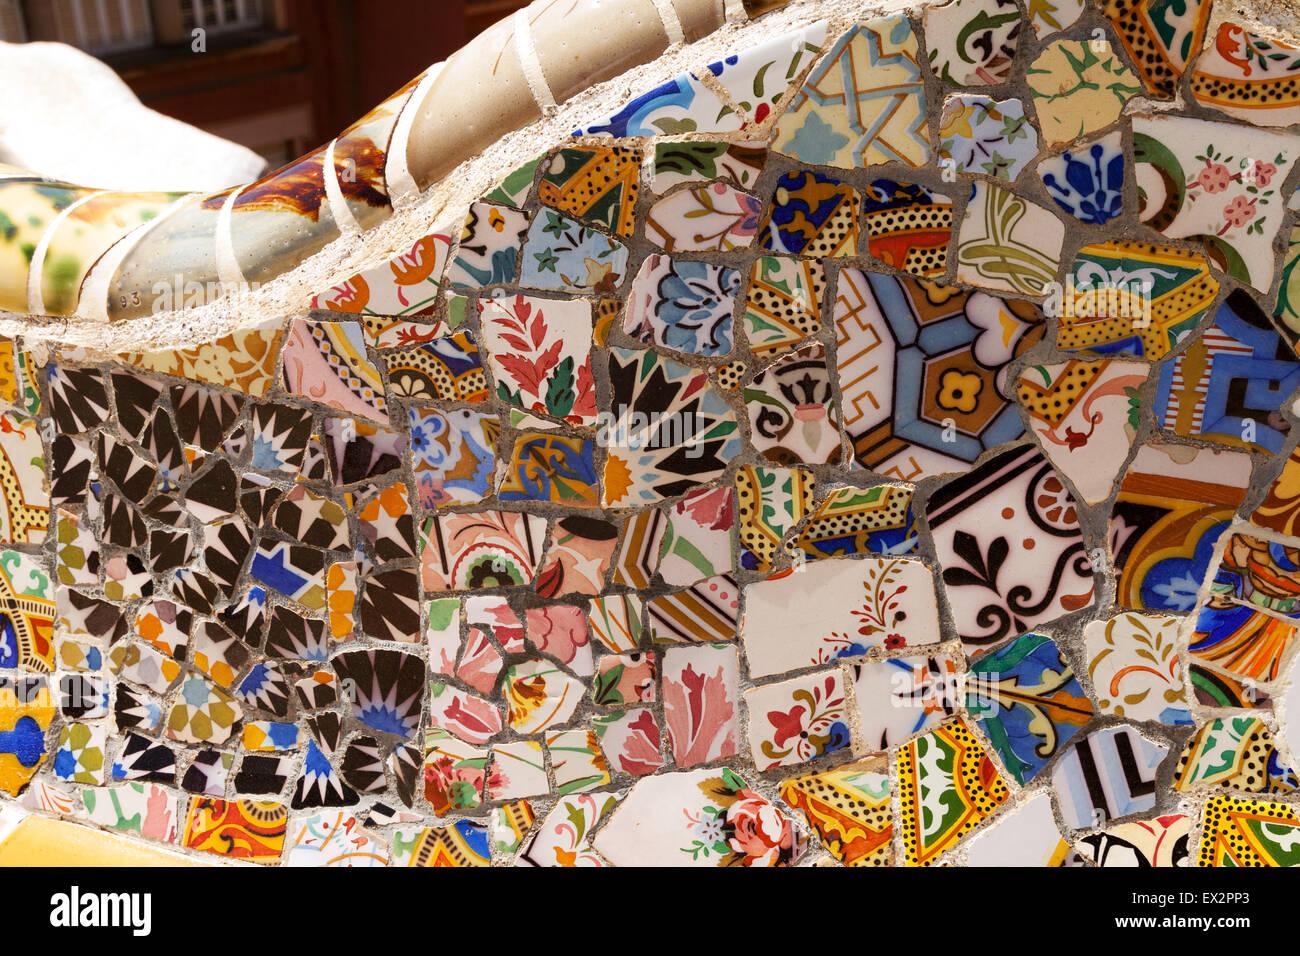 Esempio di trencadis mosaico realizzato da piastrelle rotte di